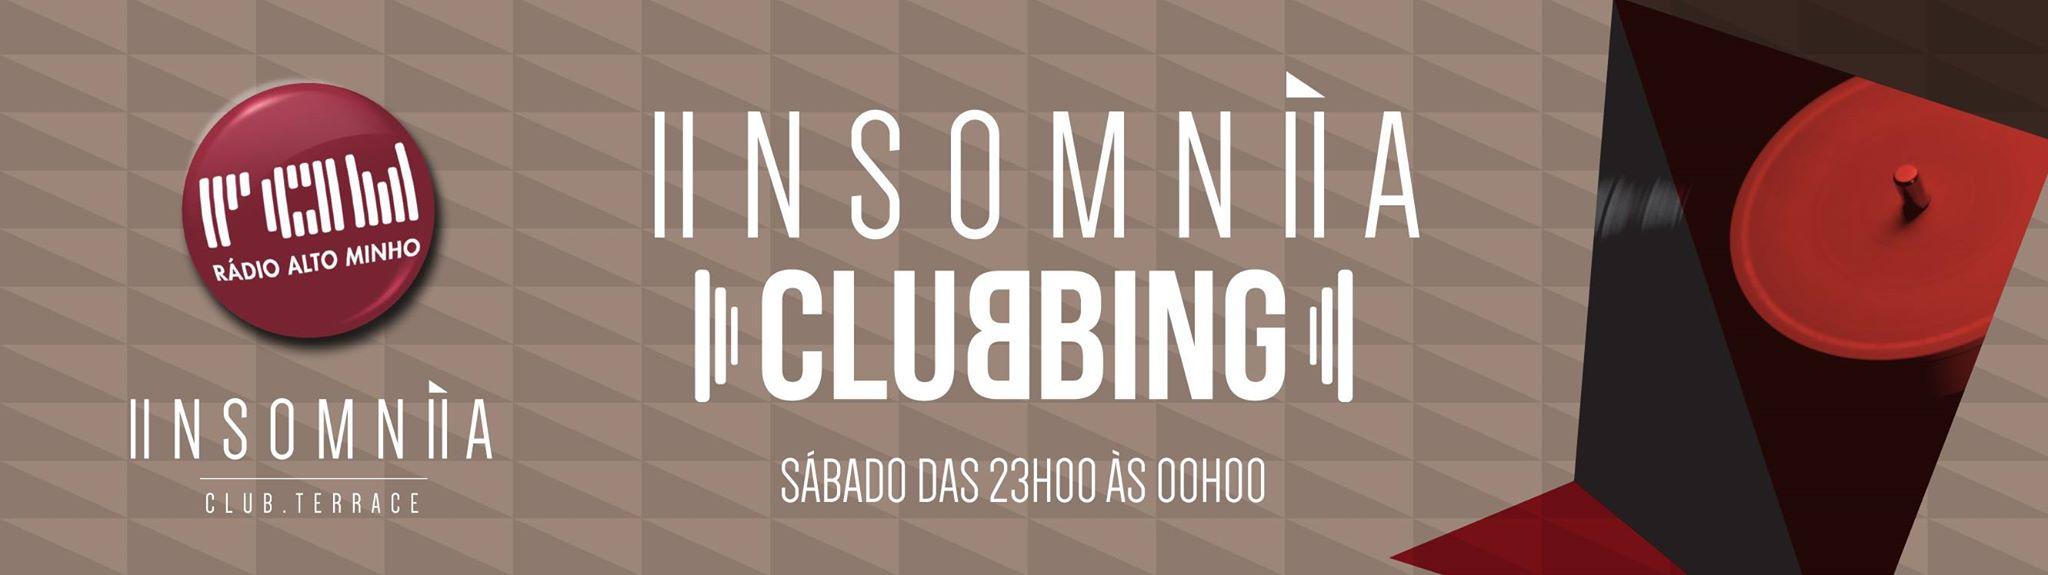 Insomnia Clubbing (Ed. 19)